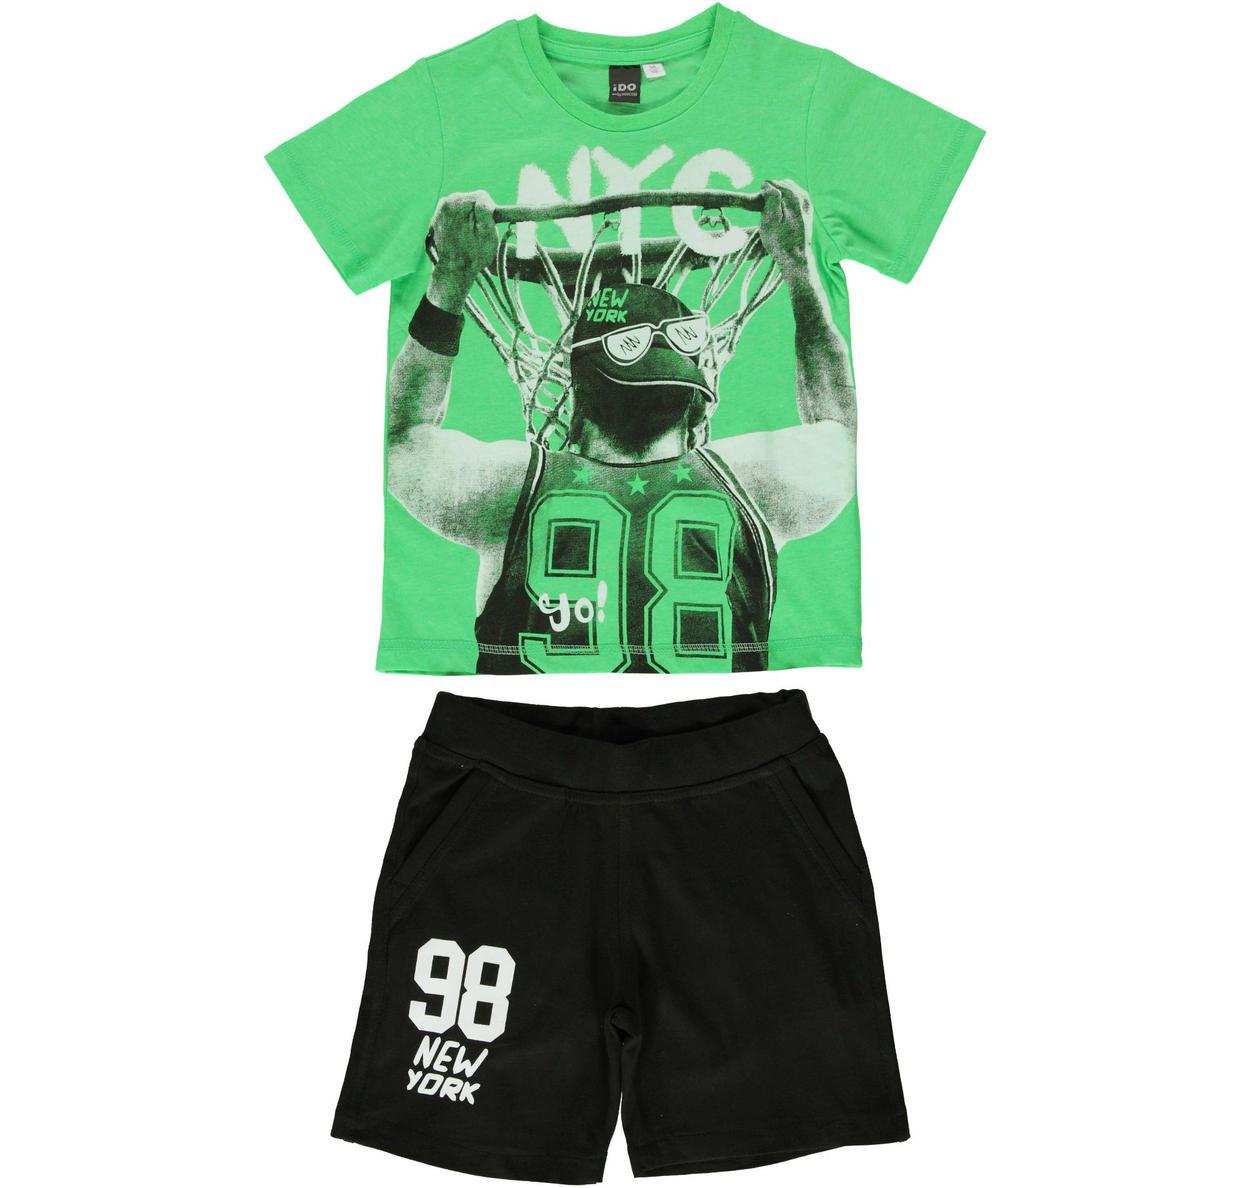 Completo 100% cotone con t-shirt stampa basket per bambino da 3 a 16 anni  iDO. VERDE-NERO-8376 back. BIANCO-NERO-8057. VERDE-NERO-8376 70c21326b54c